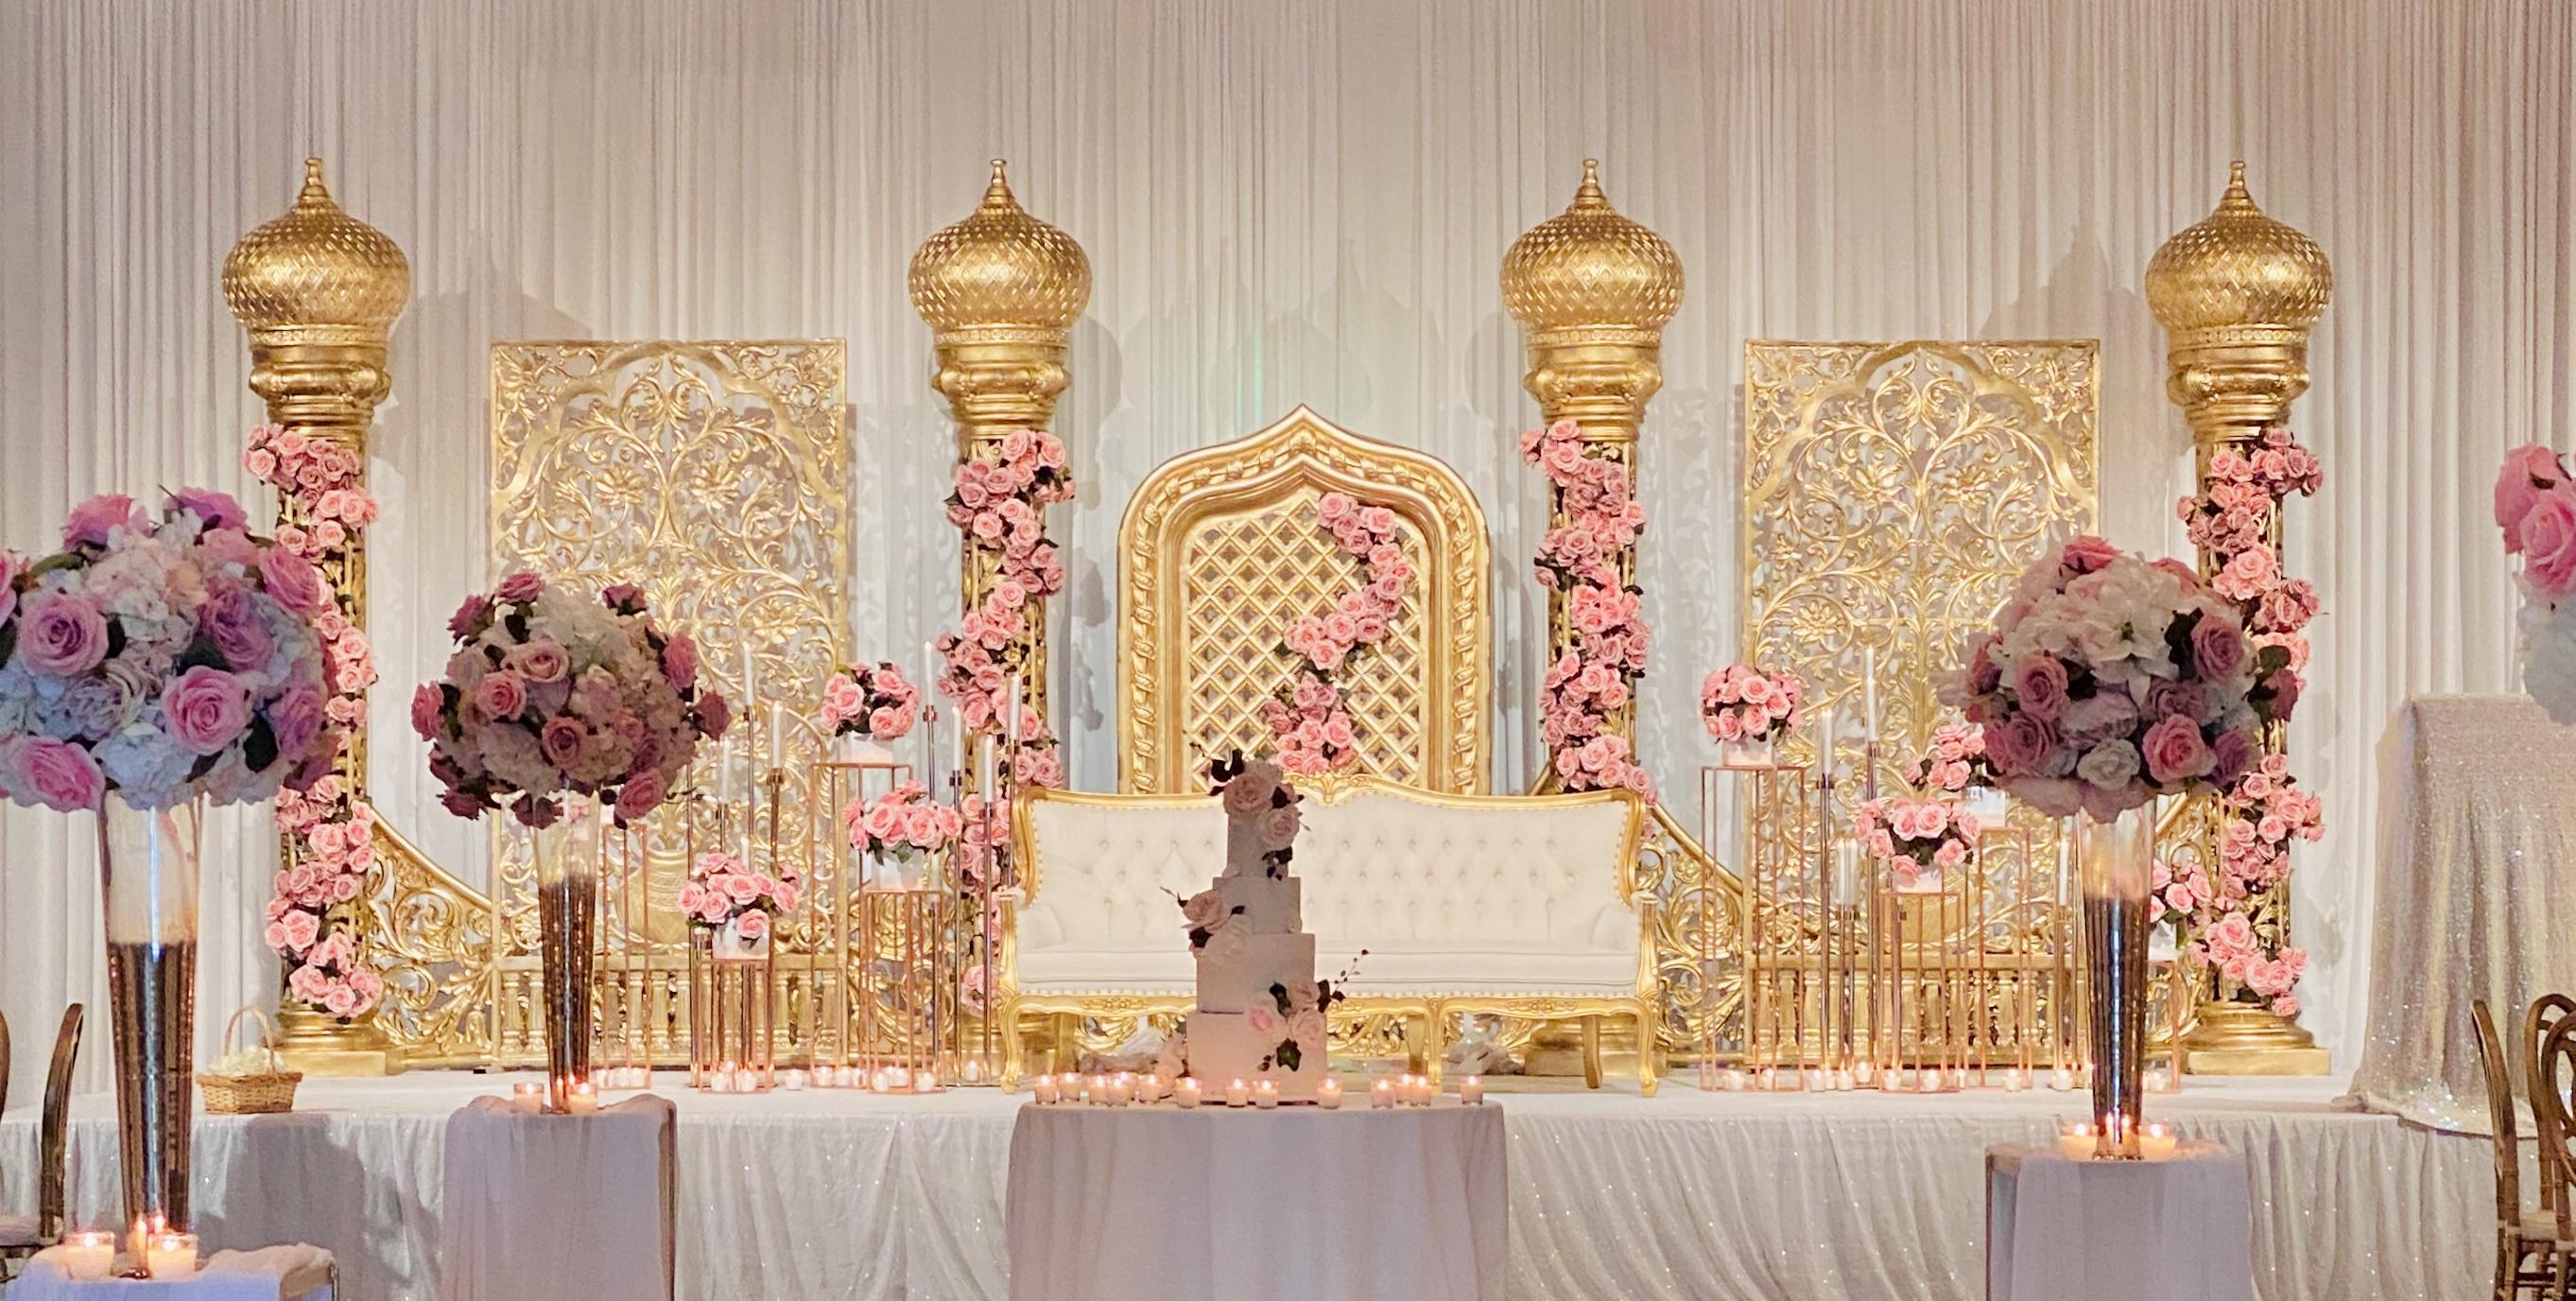 Luxury Indian Wedding Stage